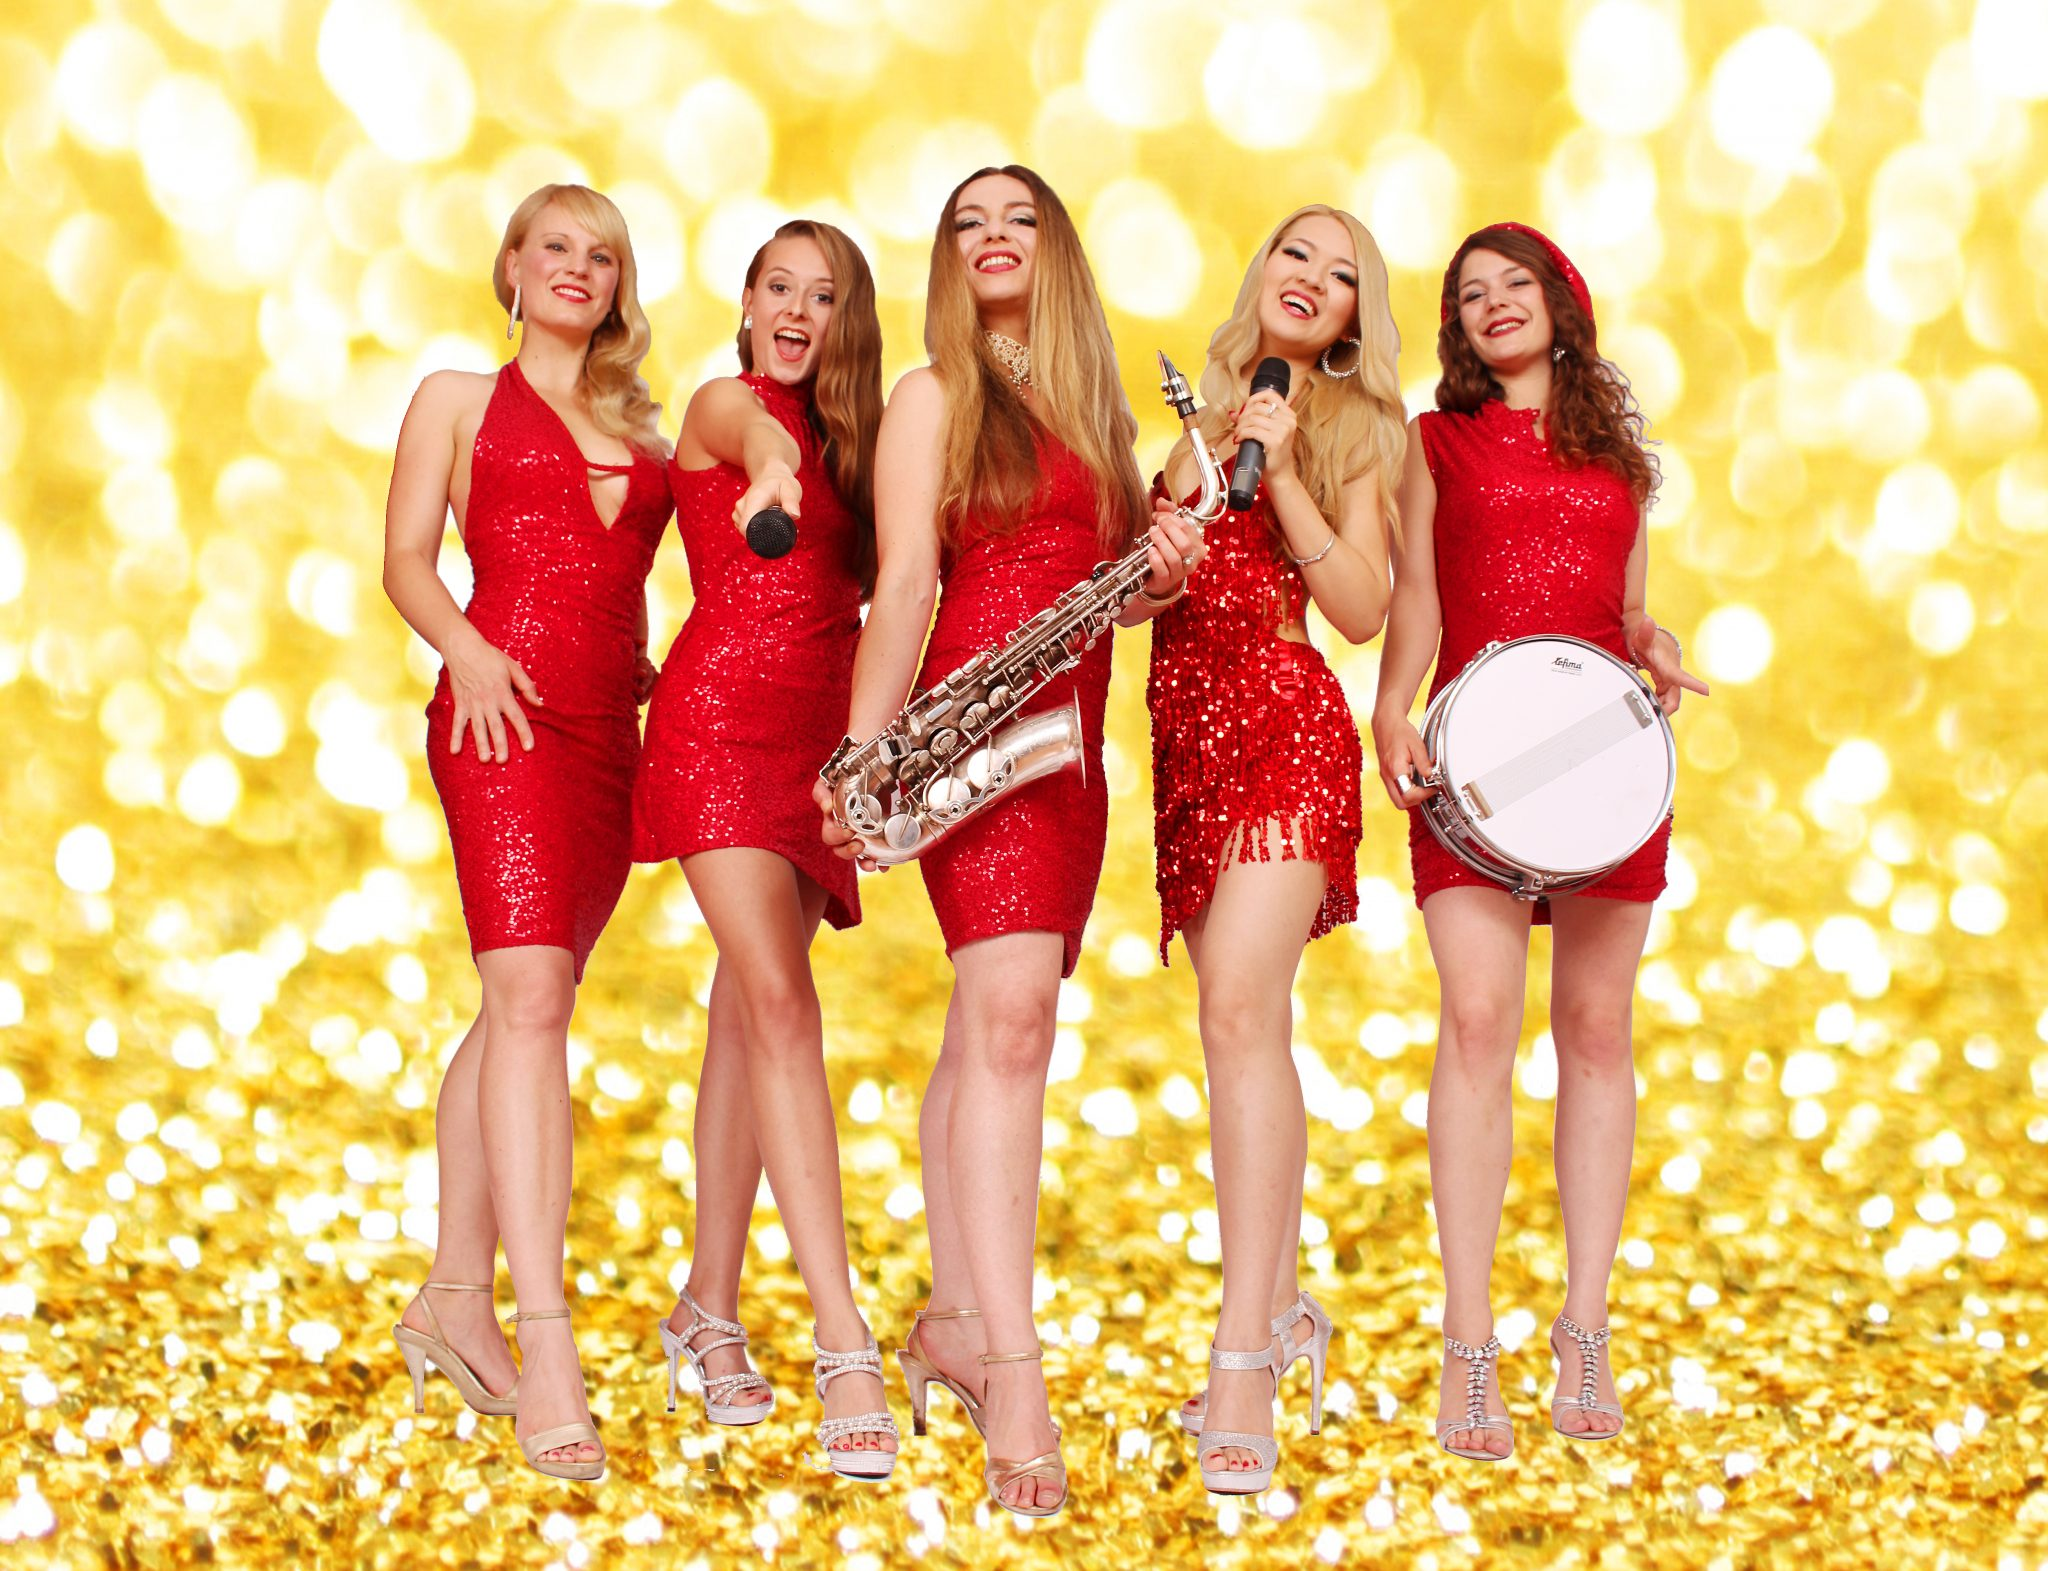 Damenband Princess Cut von Uta Sophie Halbritter, Partyband zum Tanzen feiern. Elegante Frauenband und Ladiesband zum Tanzen aus Berlin